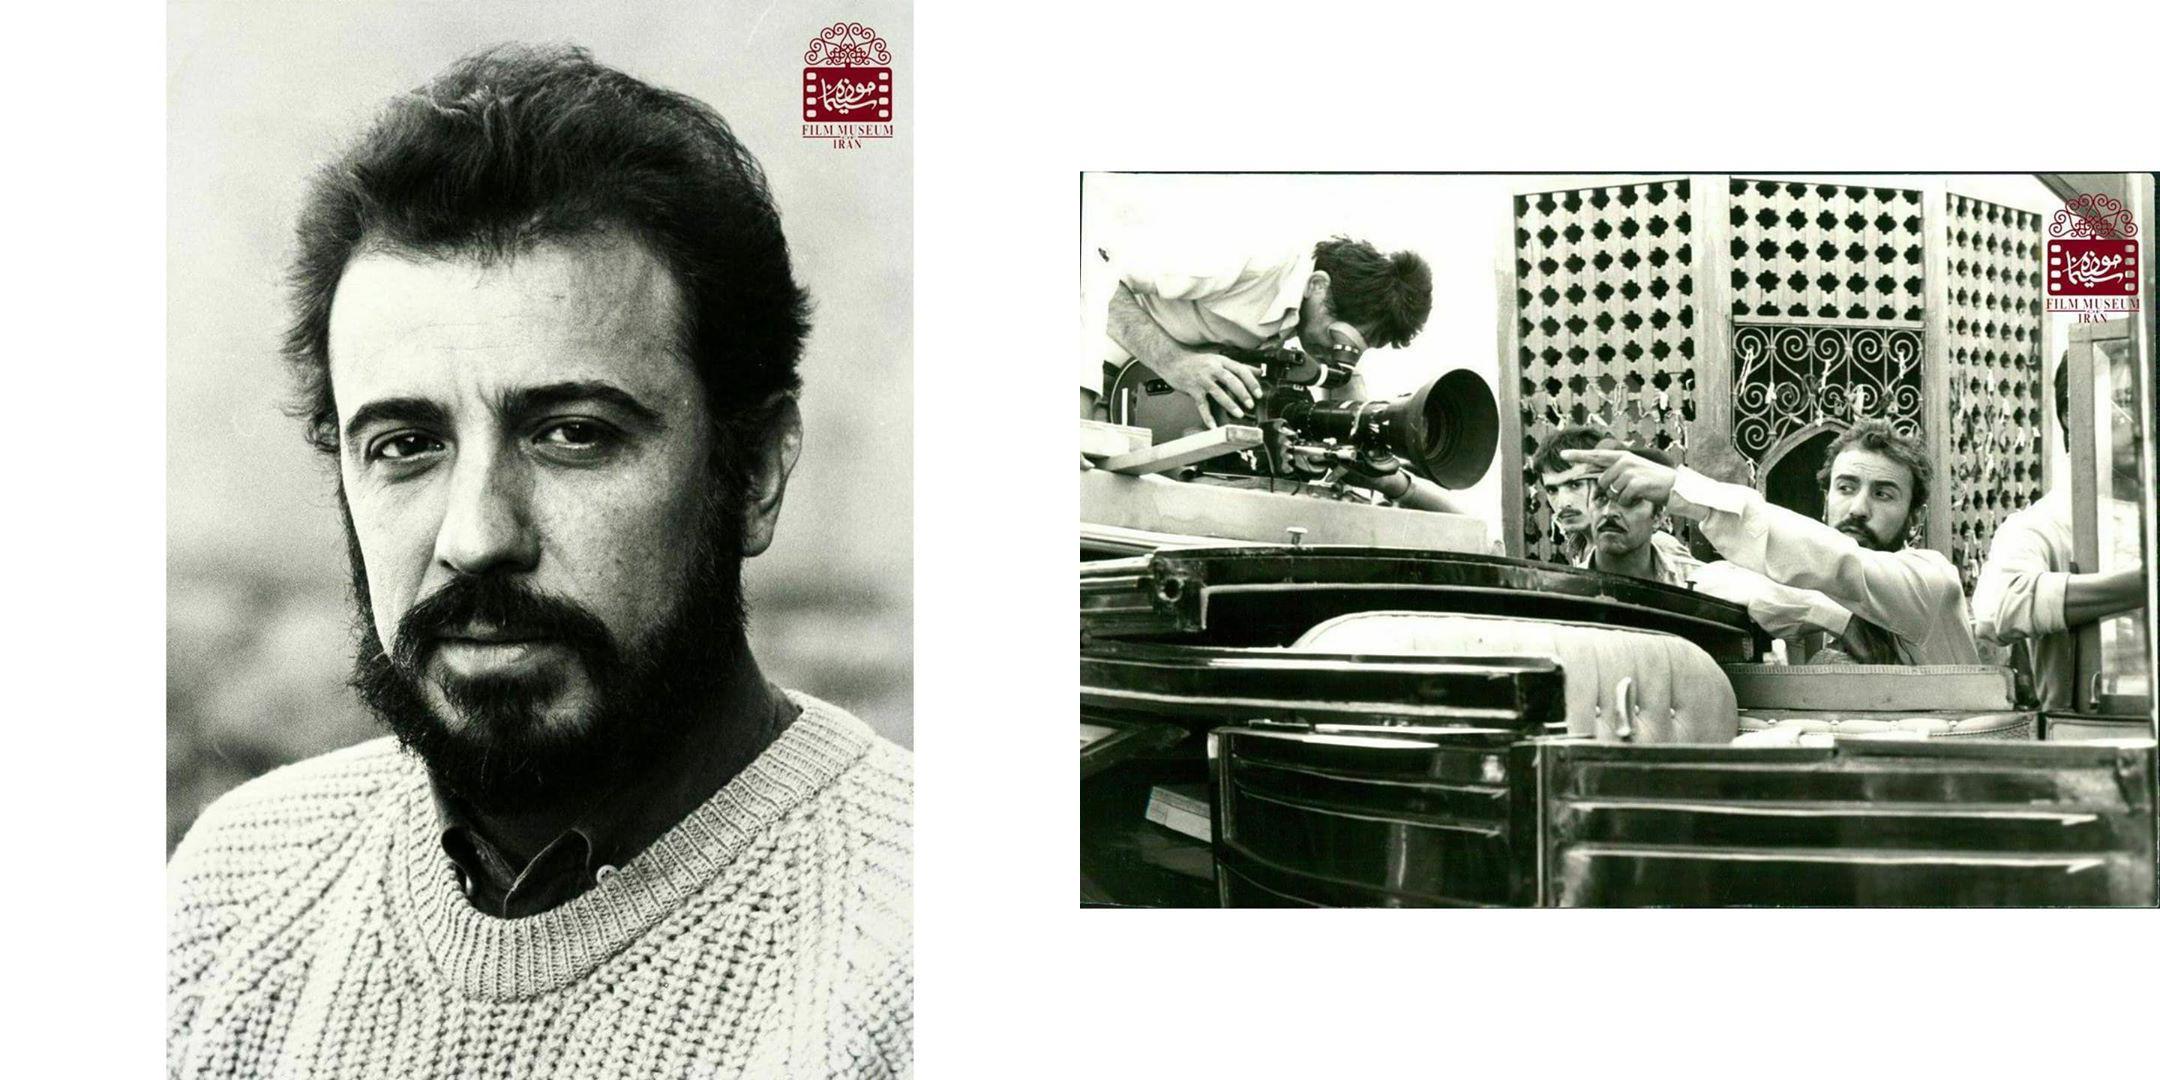 عکسهای کمتر دیدهشده از علی حاتمی در پشتصحنه فیلمها (بخش دوم) | منبع: تاریخی موزه سینمای ایران